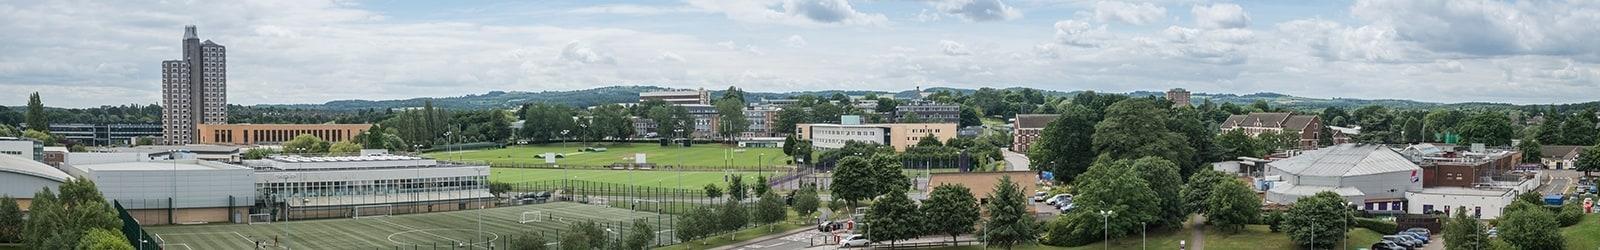 Loughborough University Campus